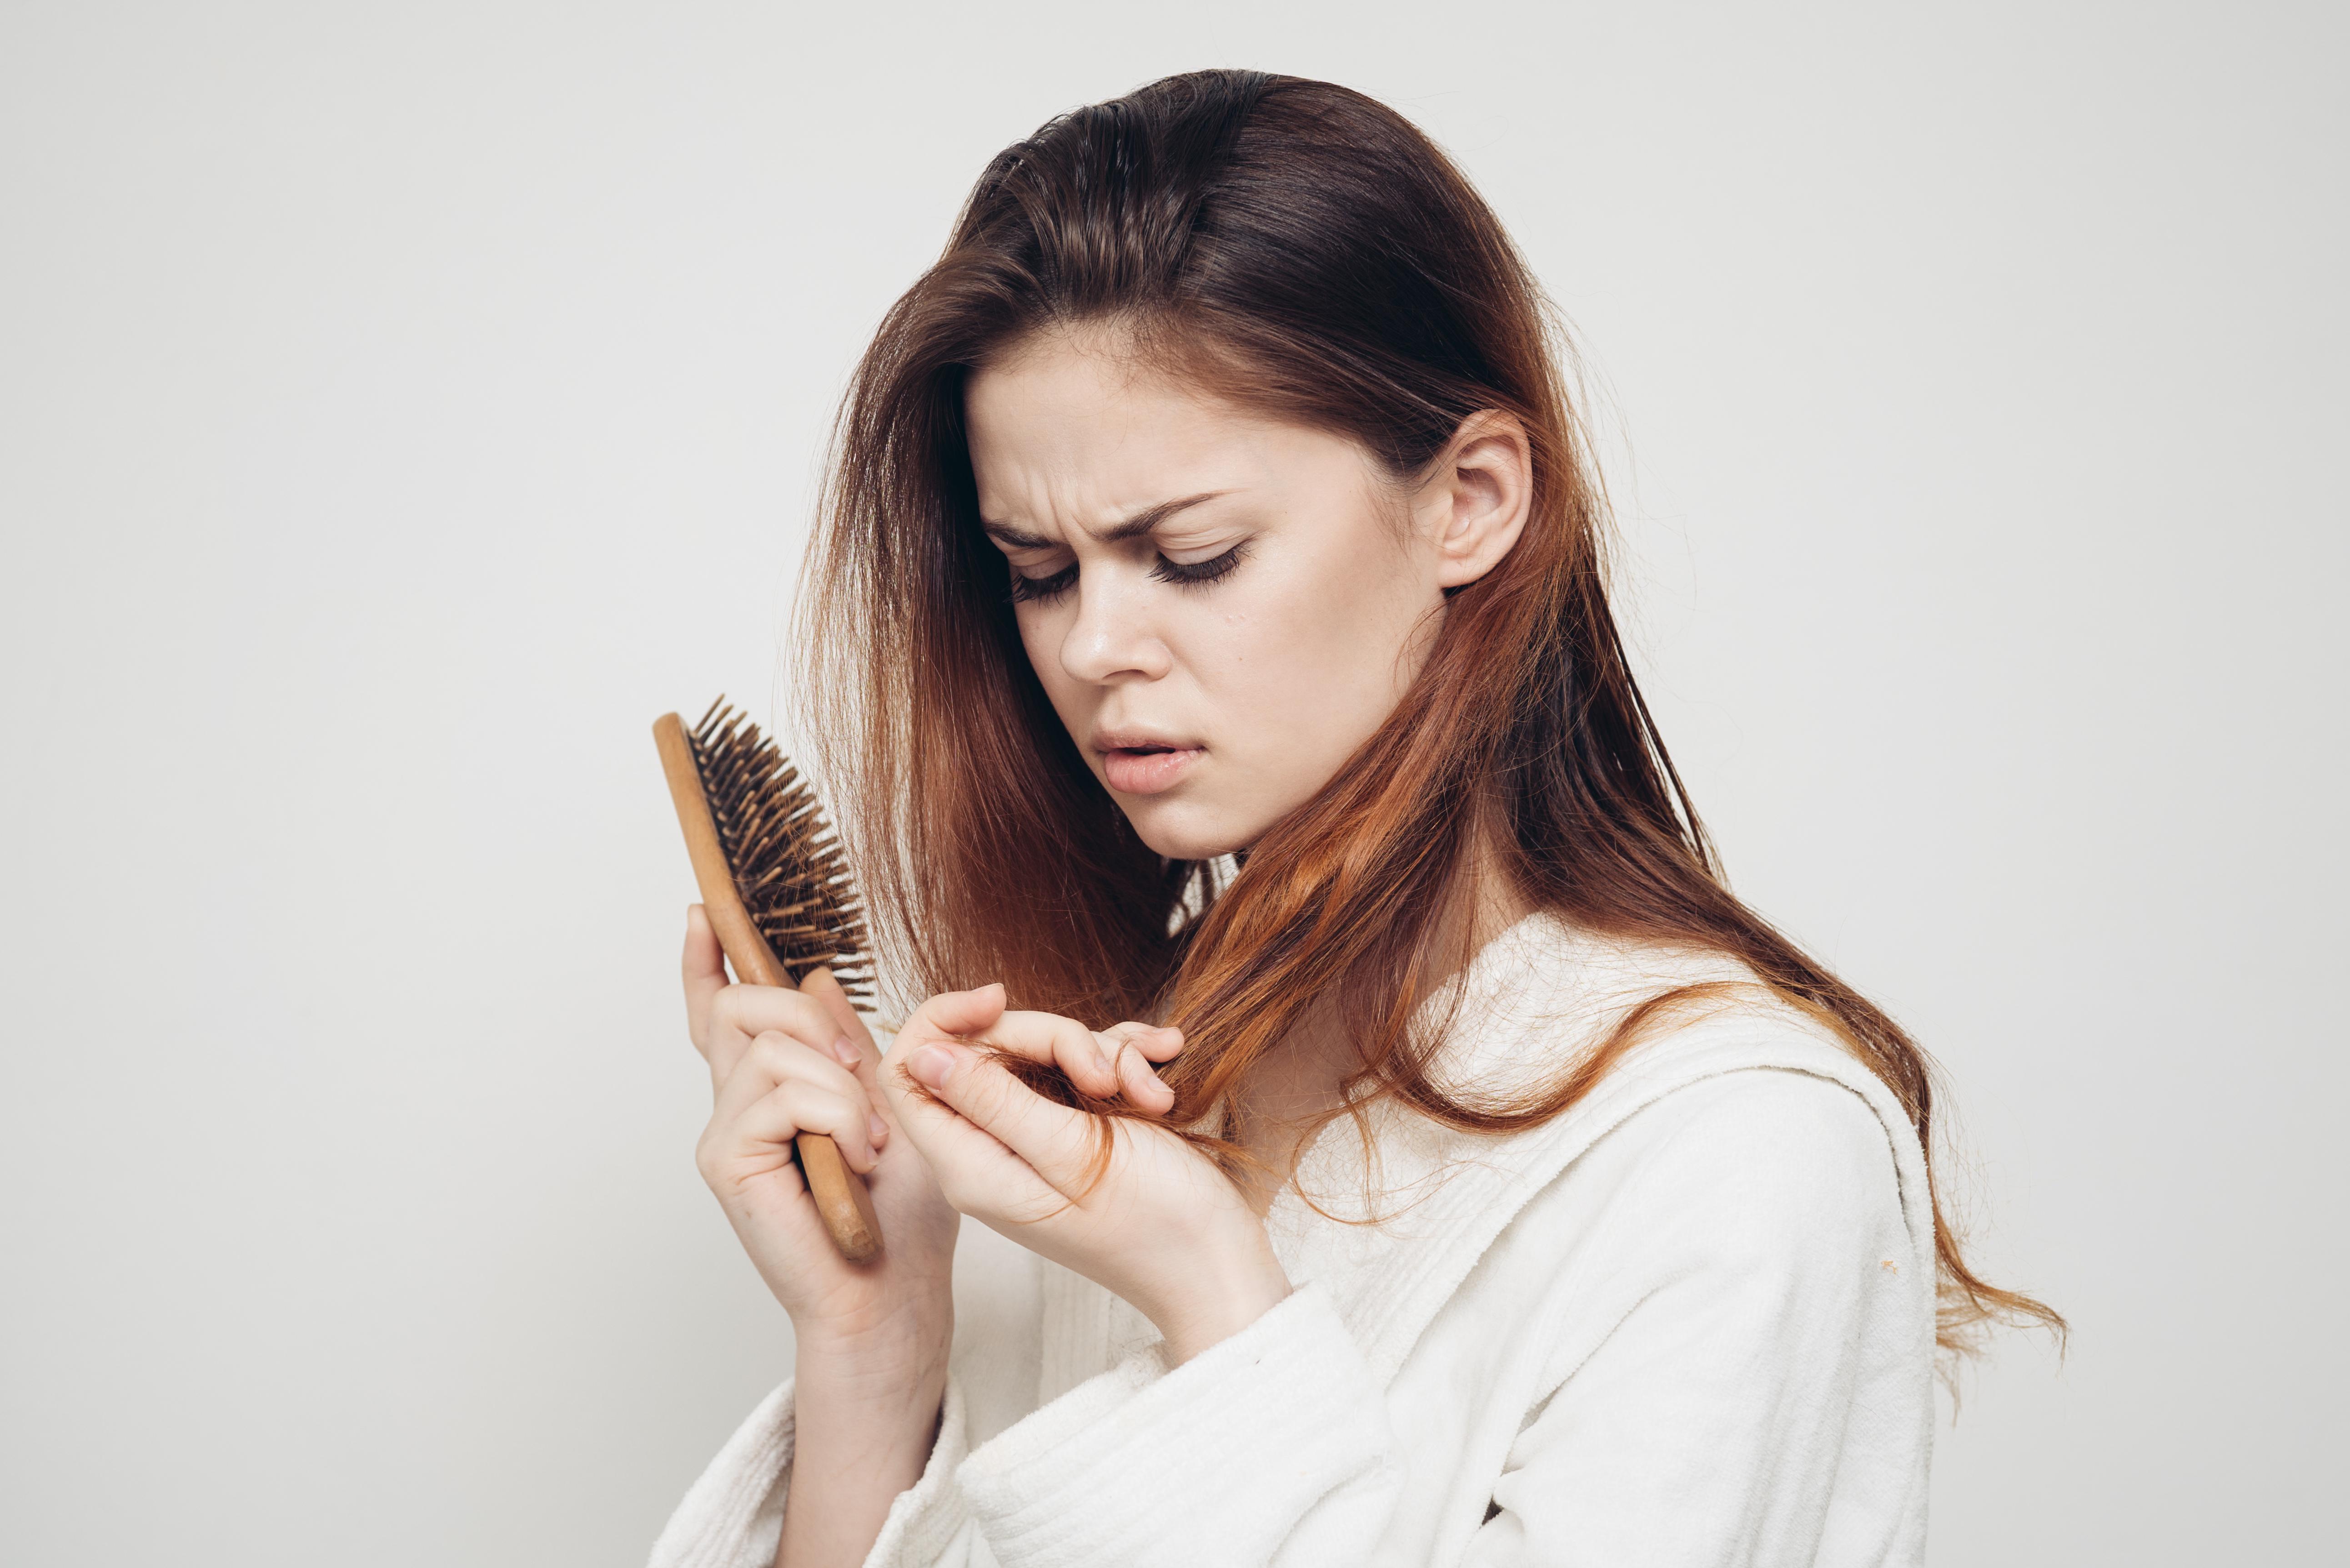 как справиться с выпадением волос и с проблемами кожи